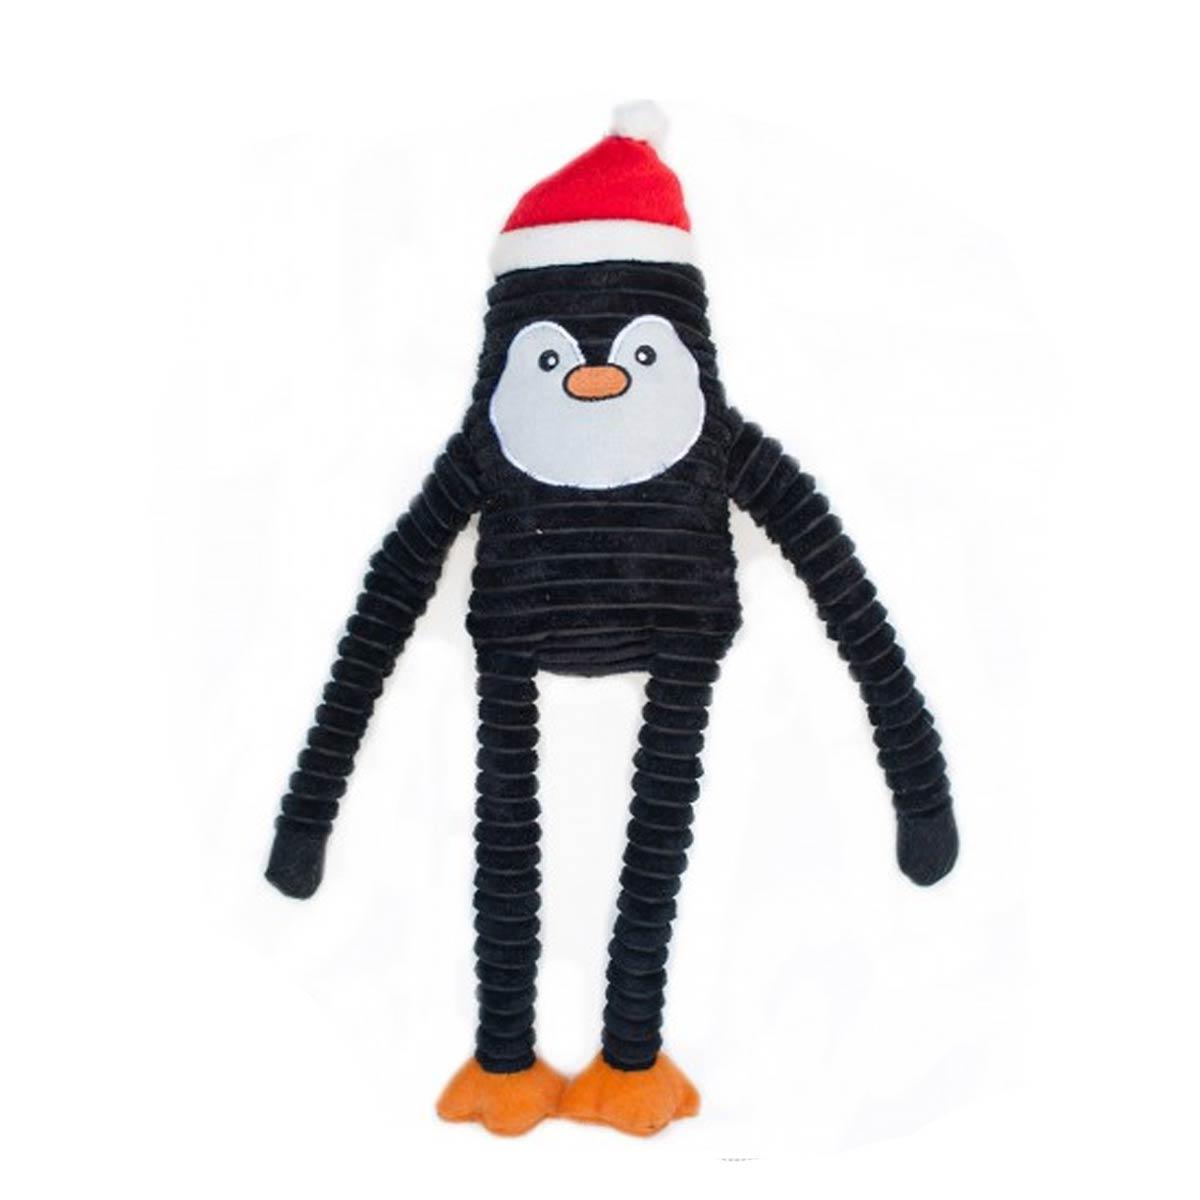 ZippyPaws Holiday Crinkle Dog Toy - Penguin